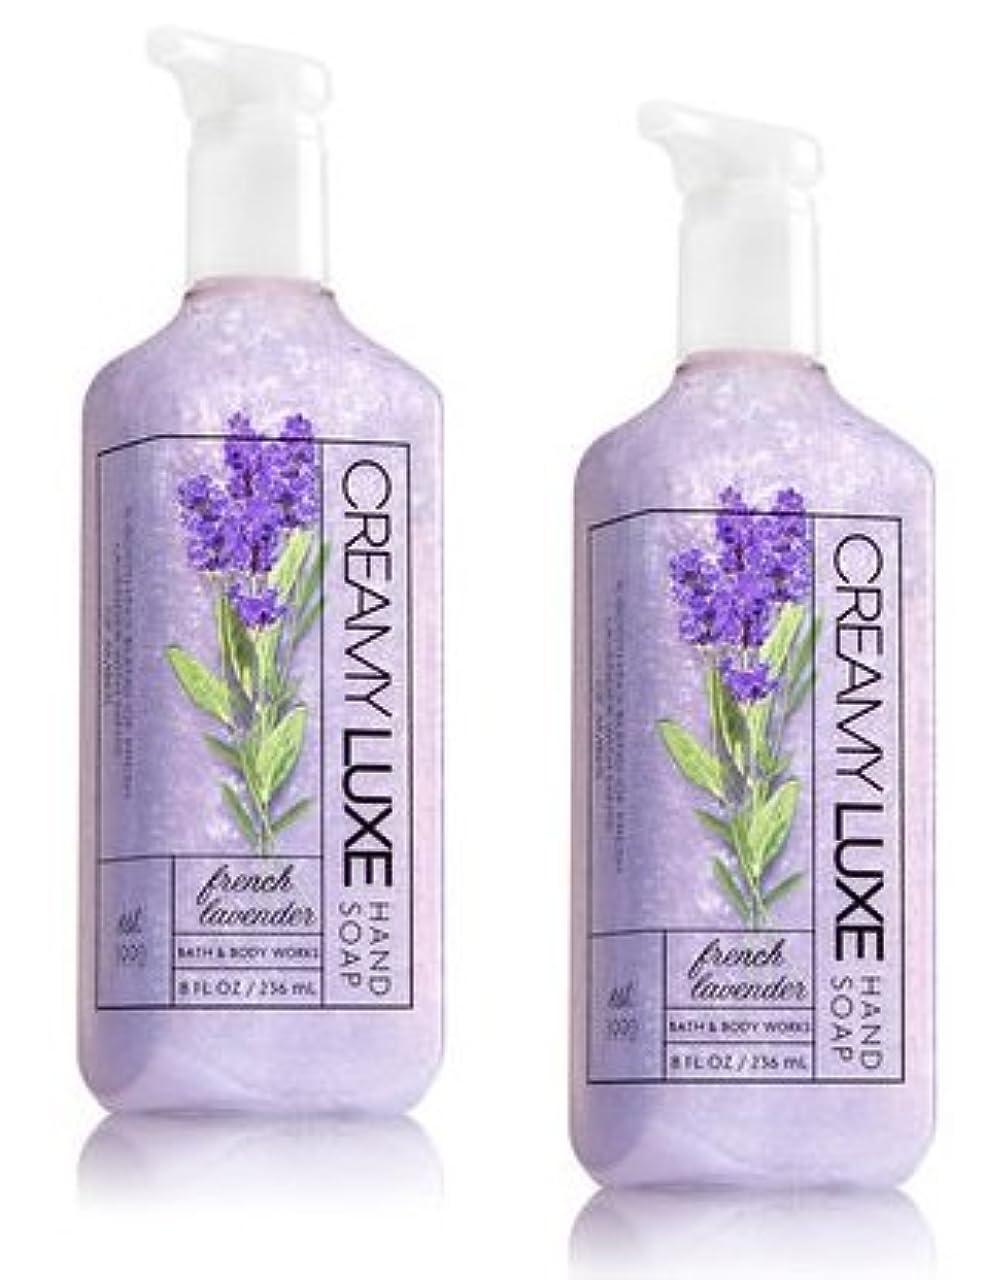 前任者解釈する巧みなBath & Body Works フレンチラベンダー クリーミー リュクス ハンドソープ 2本セット French Lavender Creamy Luxe Hand Soap. 8 oz [並行輸入品]